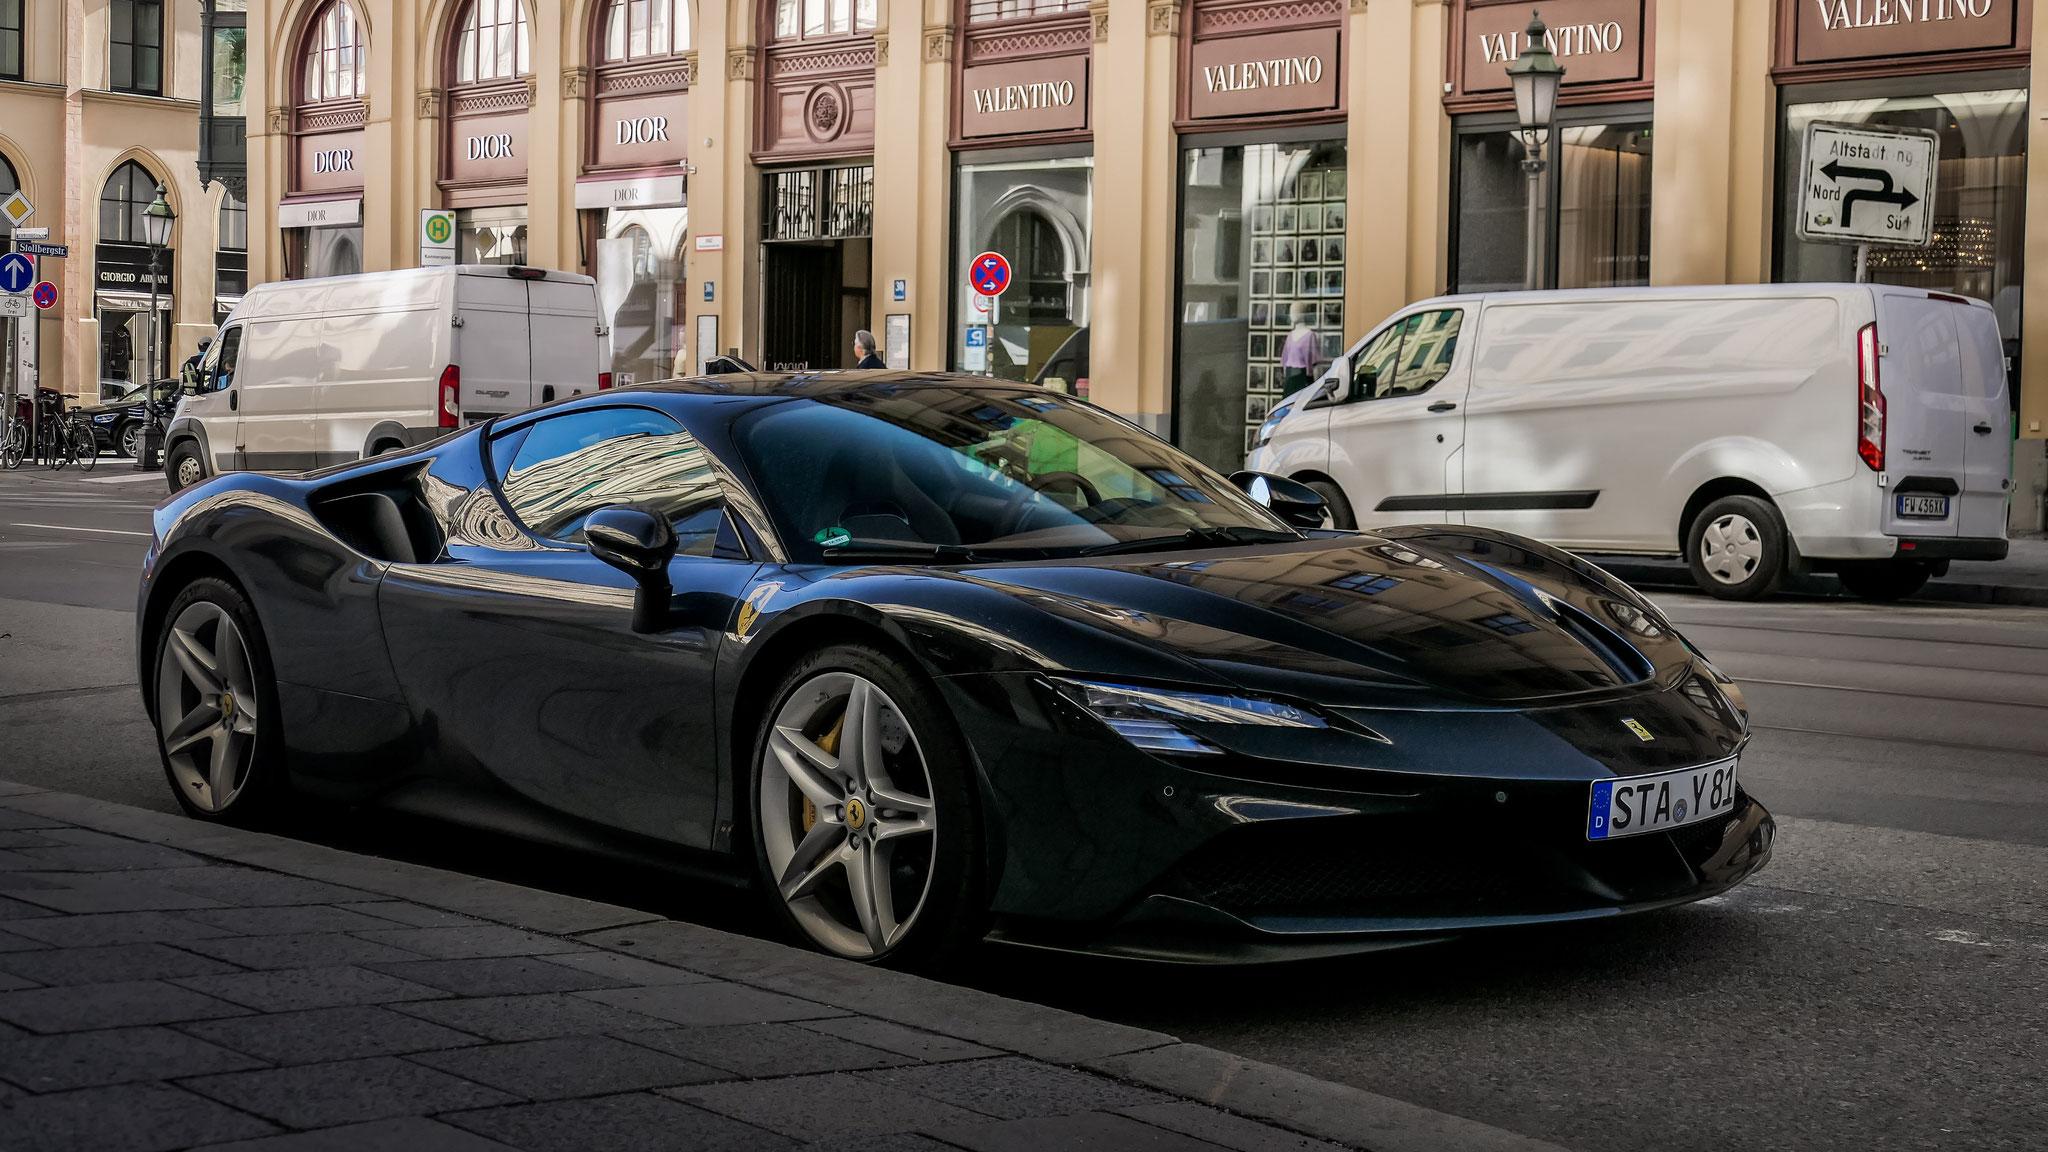 Ferrari SF90 Stradale - STA-Y-81